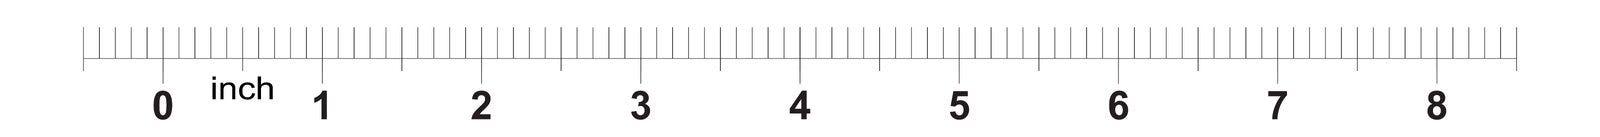 ruban m?trique de r?gle de 8 pouces avec 0 inscriptions de 1 pouce Grille m?trique